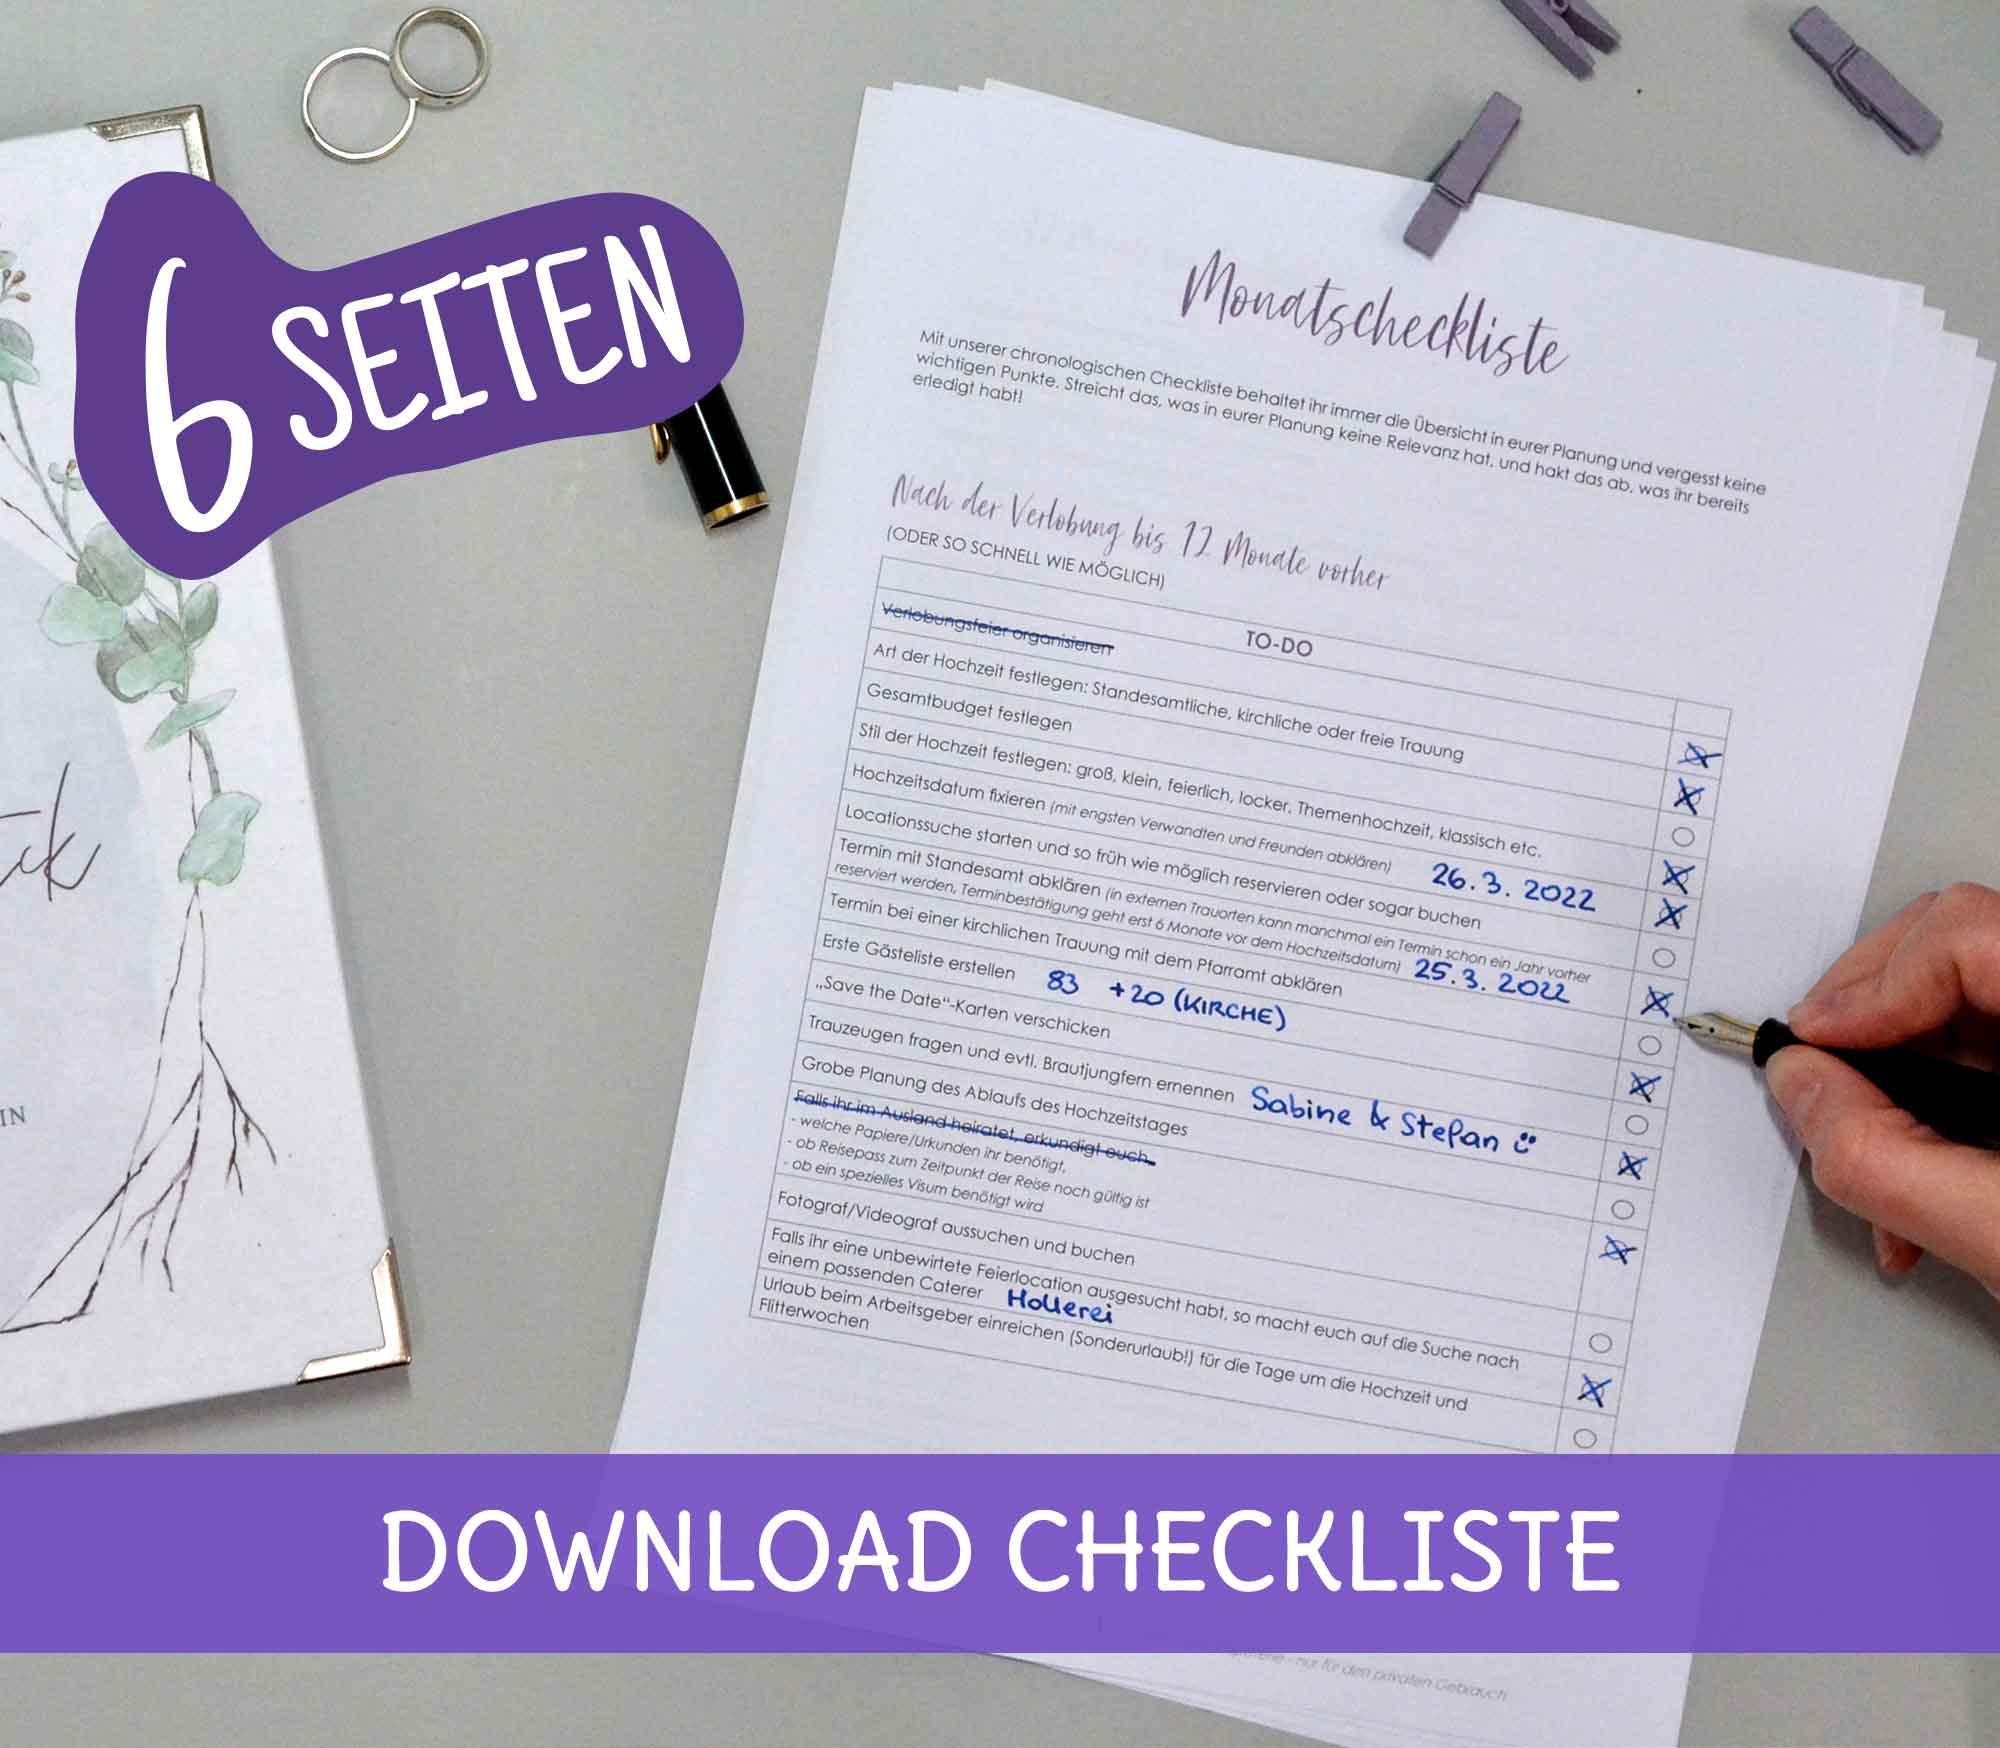 Hochzeotsplaung Checkliste zum Abhaken für die Hochzeit